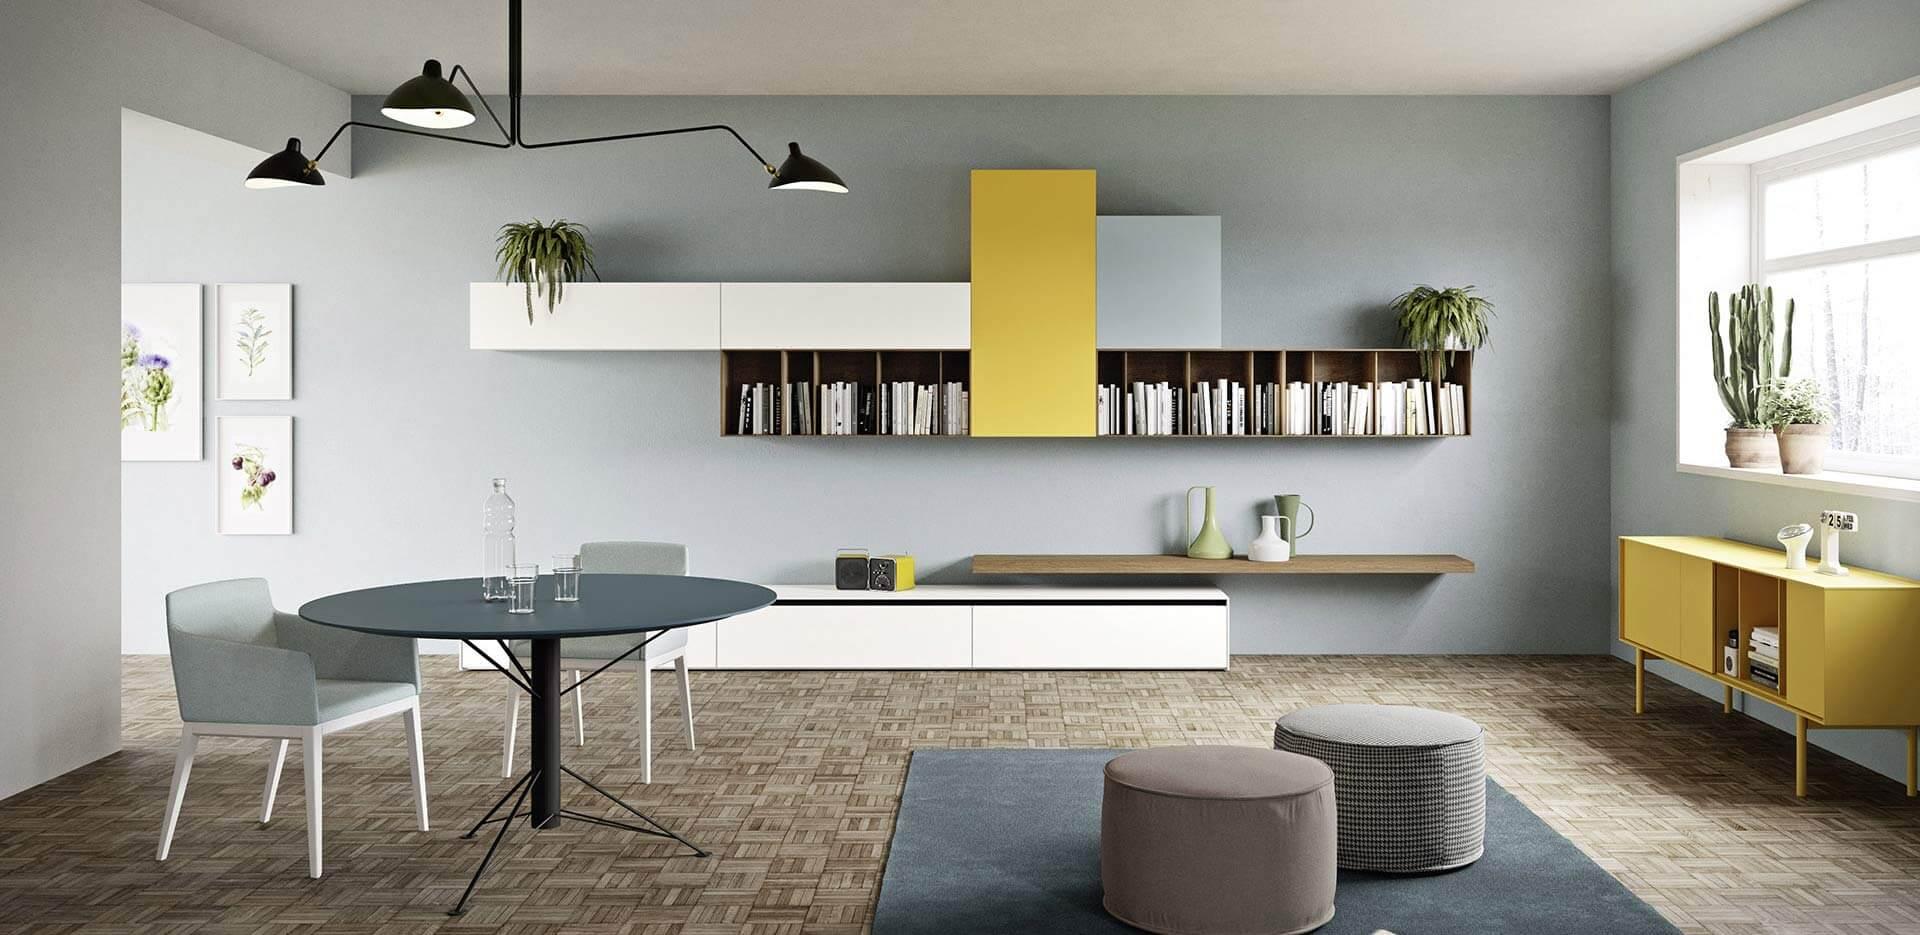 Livarea m bel trendblog for Wohnung einrichtungstipps